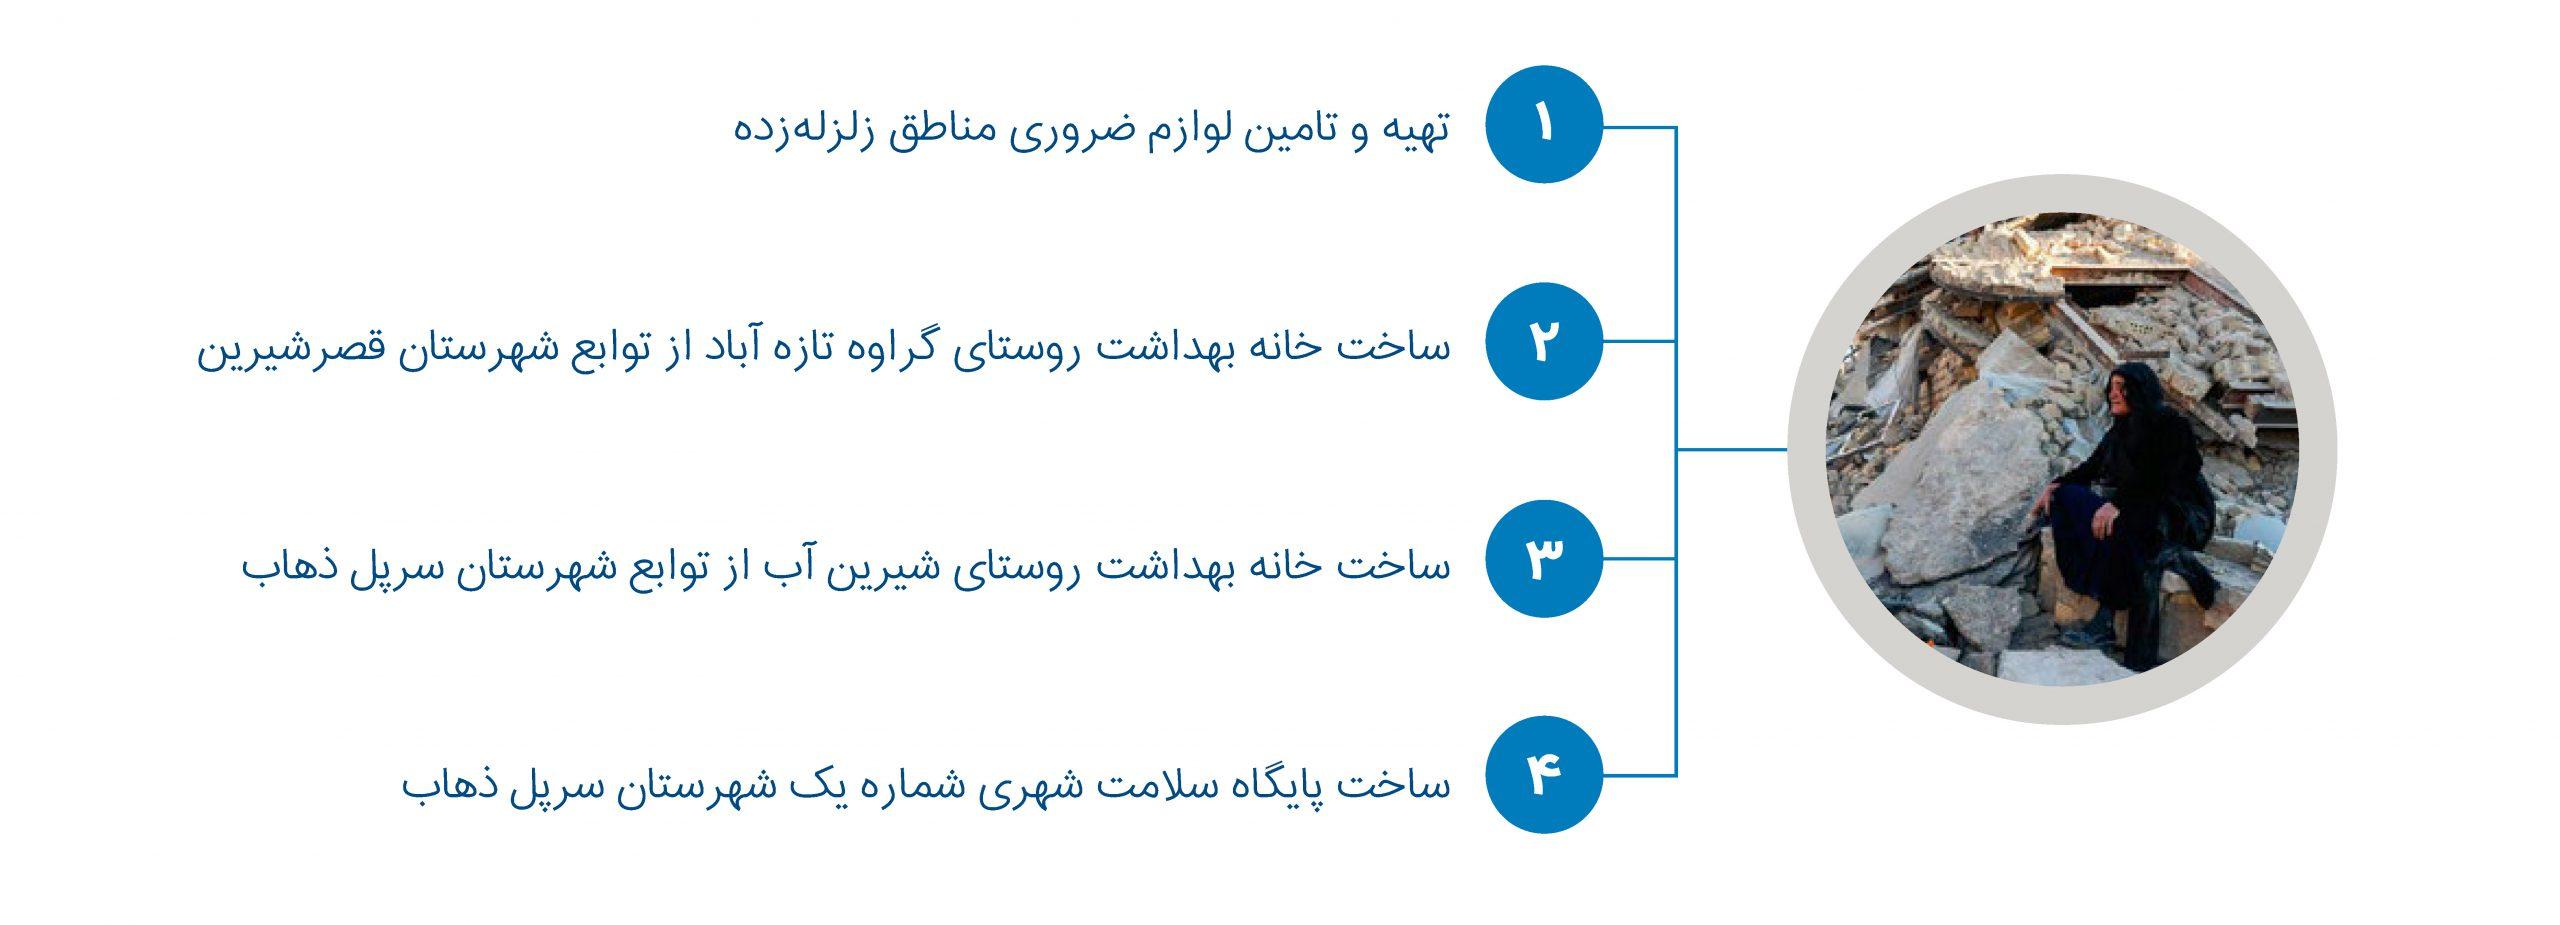 زلزله کرمانشاه، اقدامات